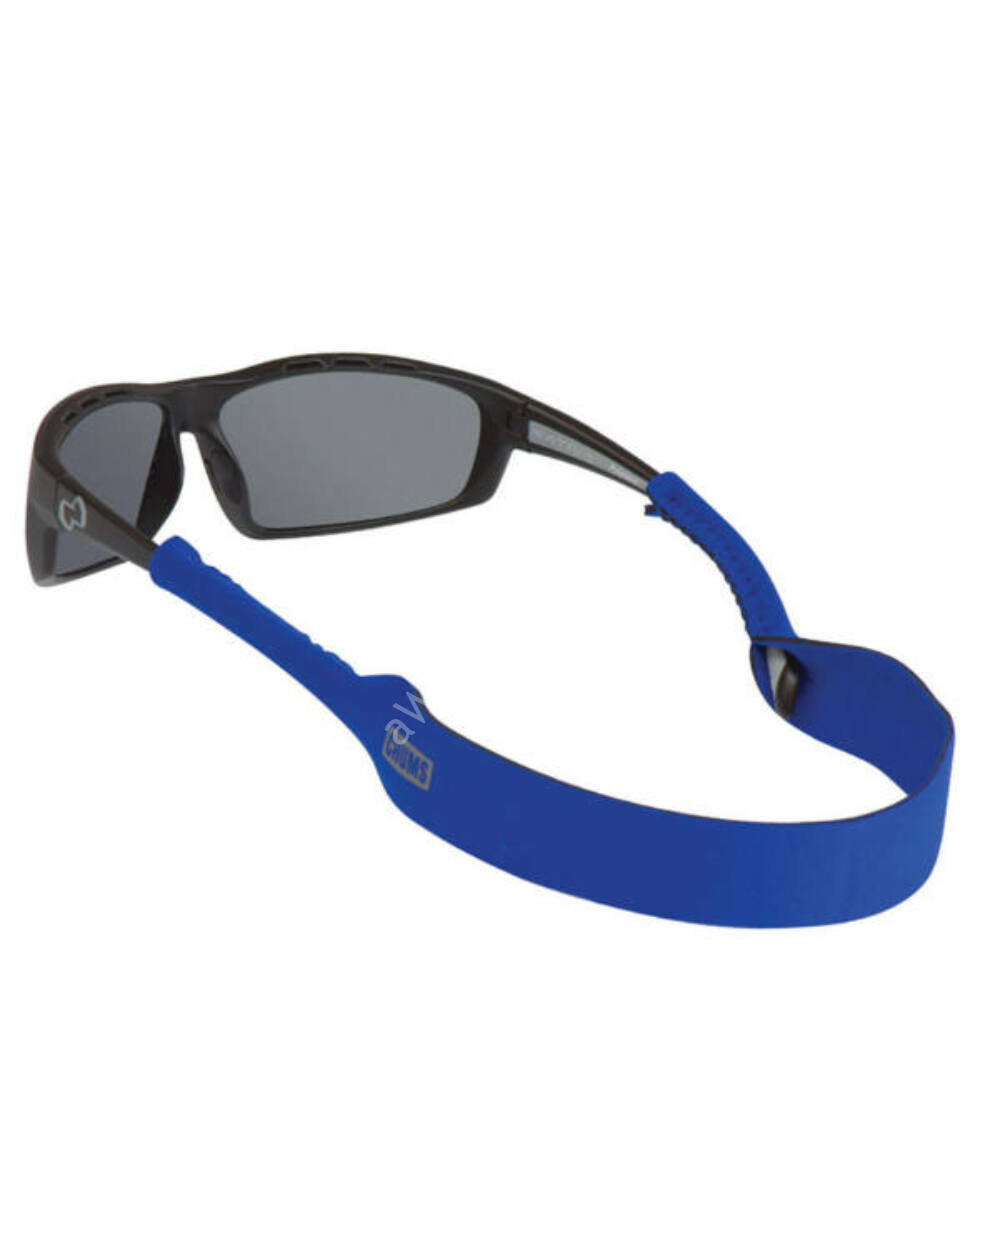 Chums Neoprene Classic Solids szemüvegpánt, kék